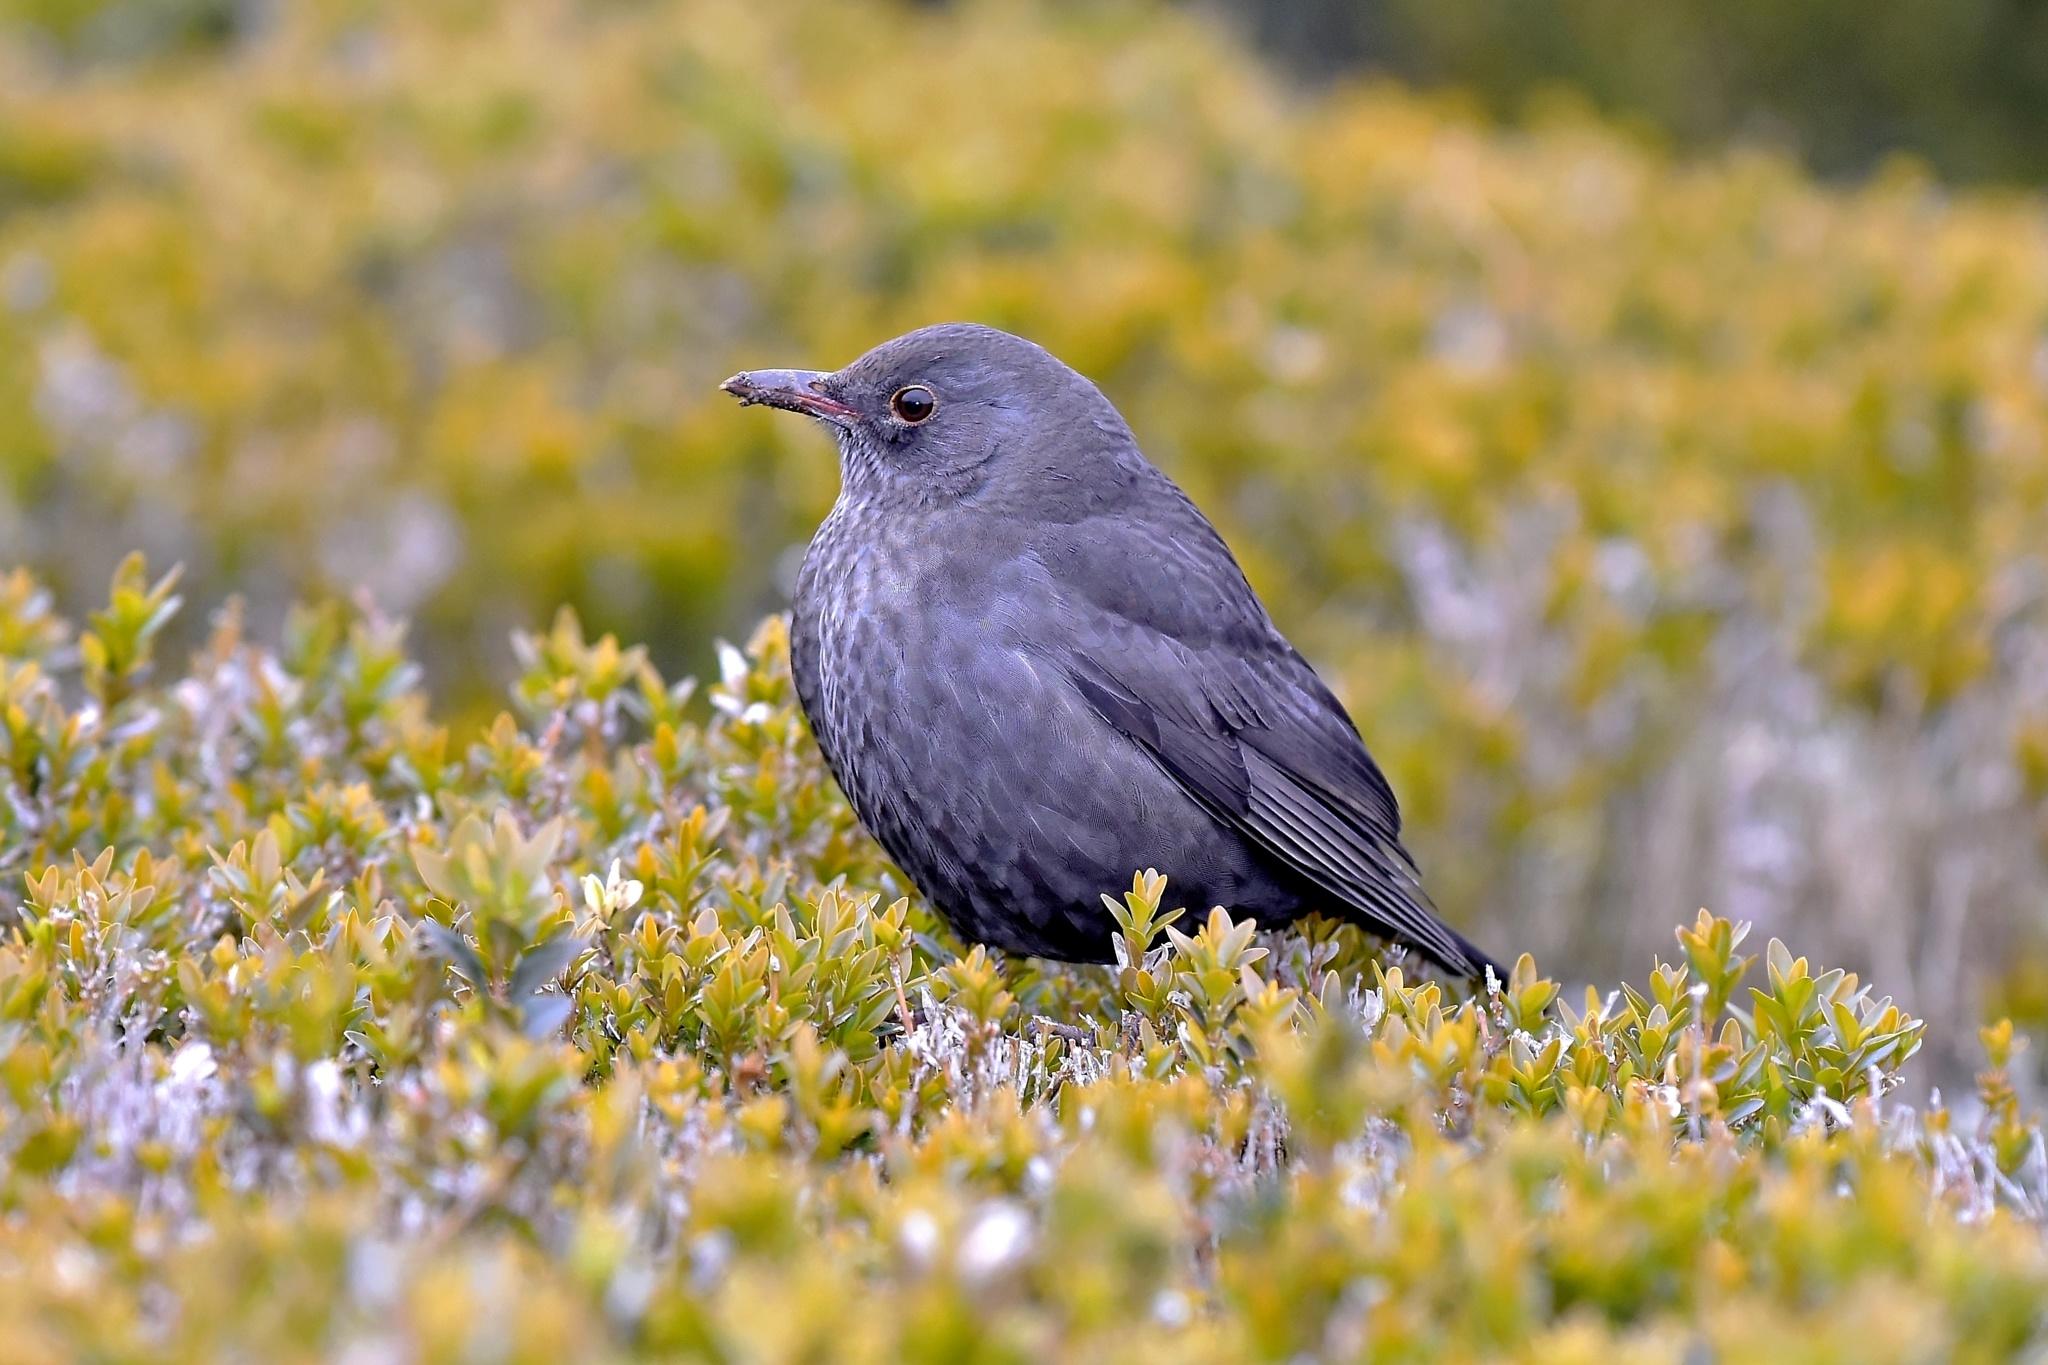 Blackbird by Dre_Von_D